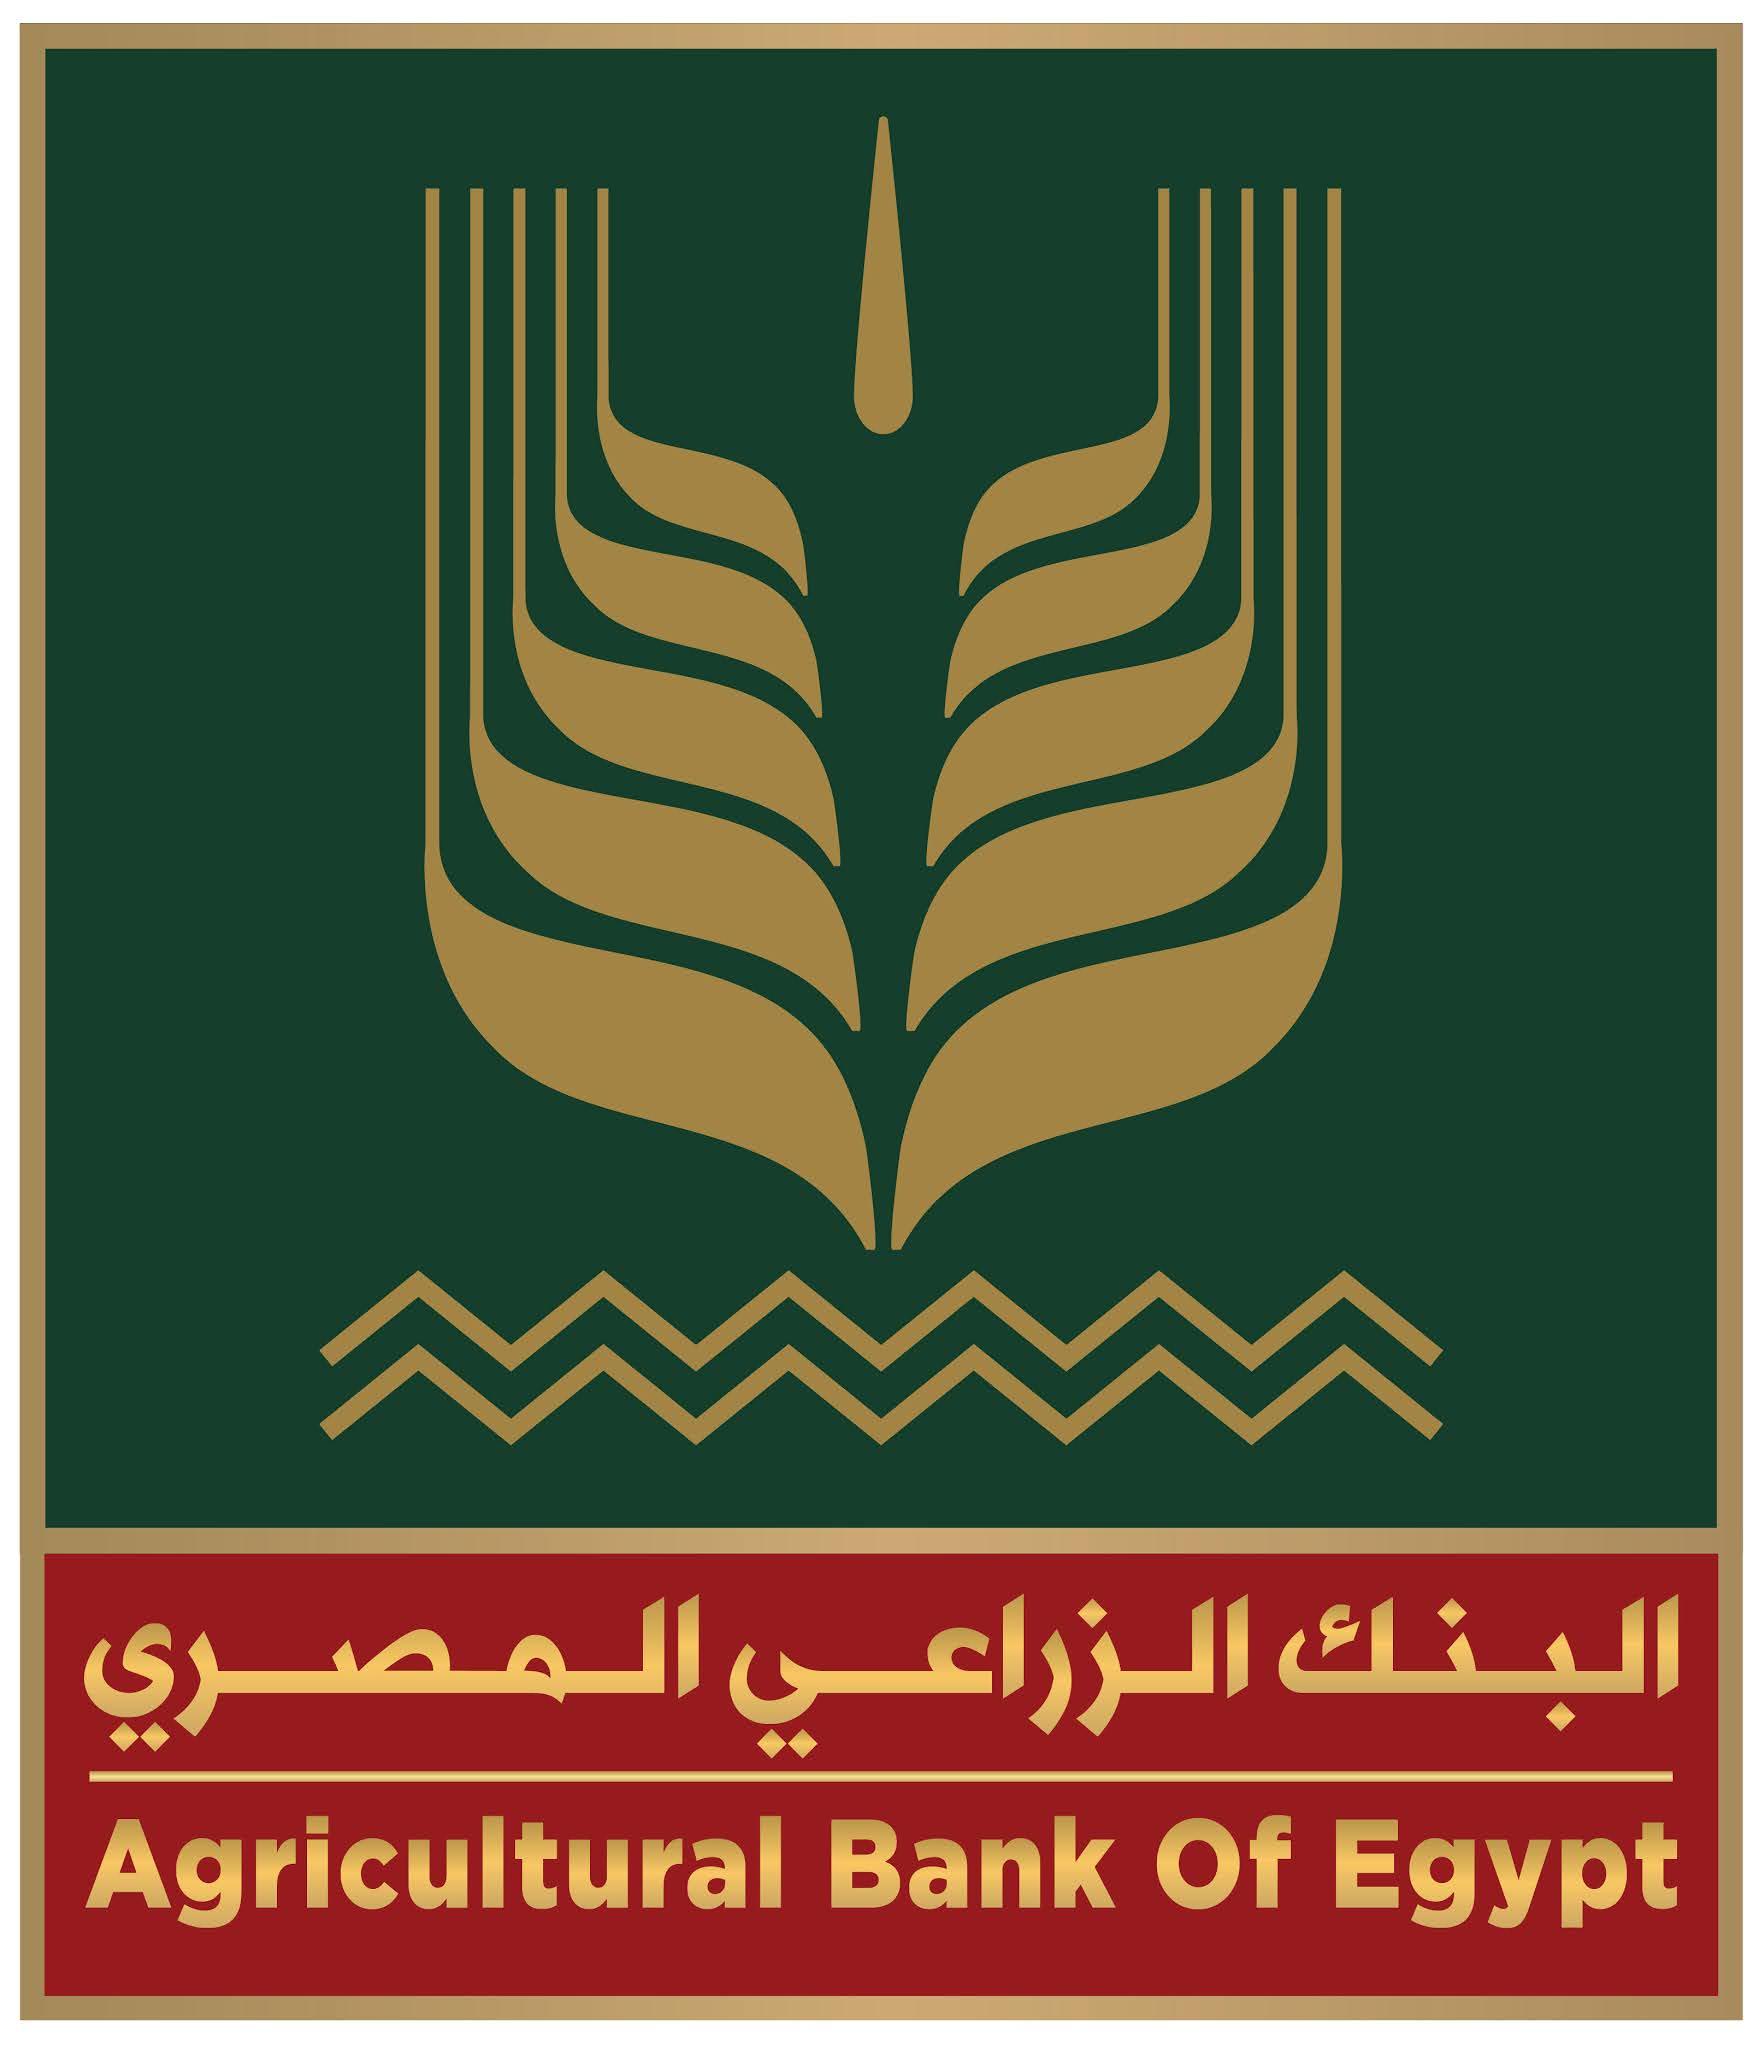 مسابقة تعيينات البنك الزراعي المصري 2021 - Agricultural Bank